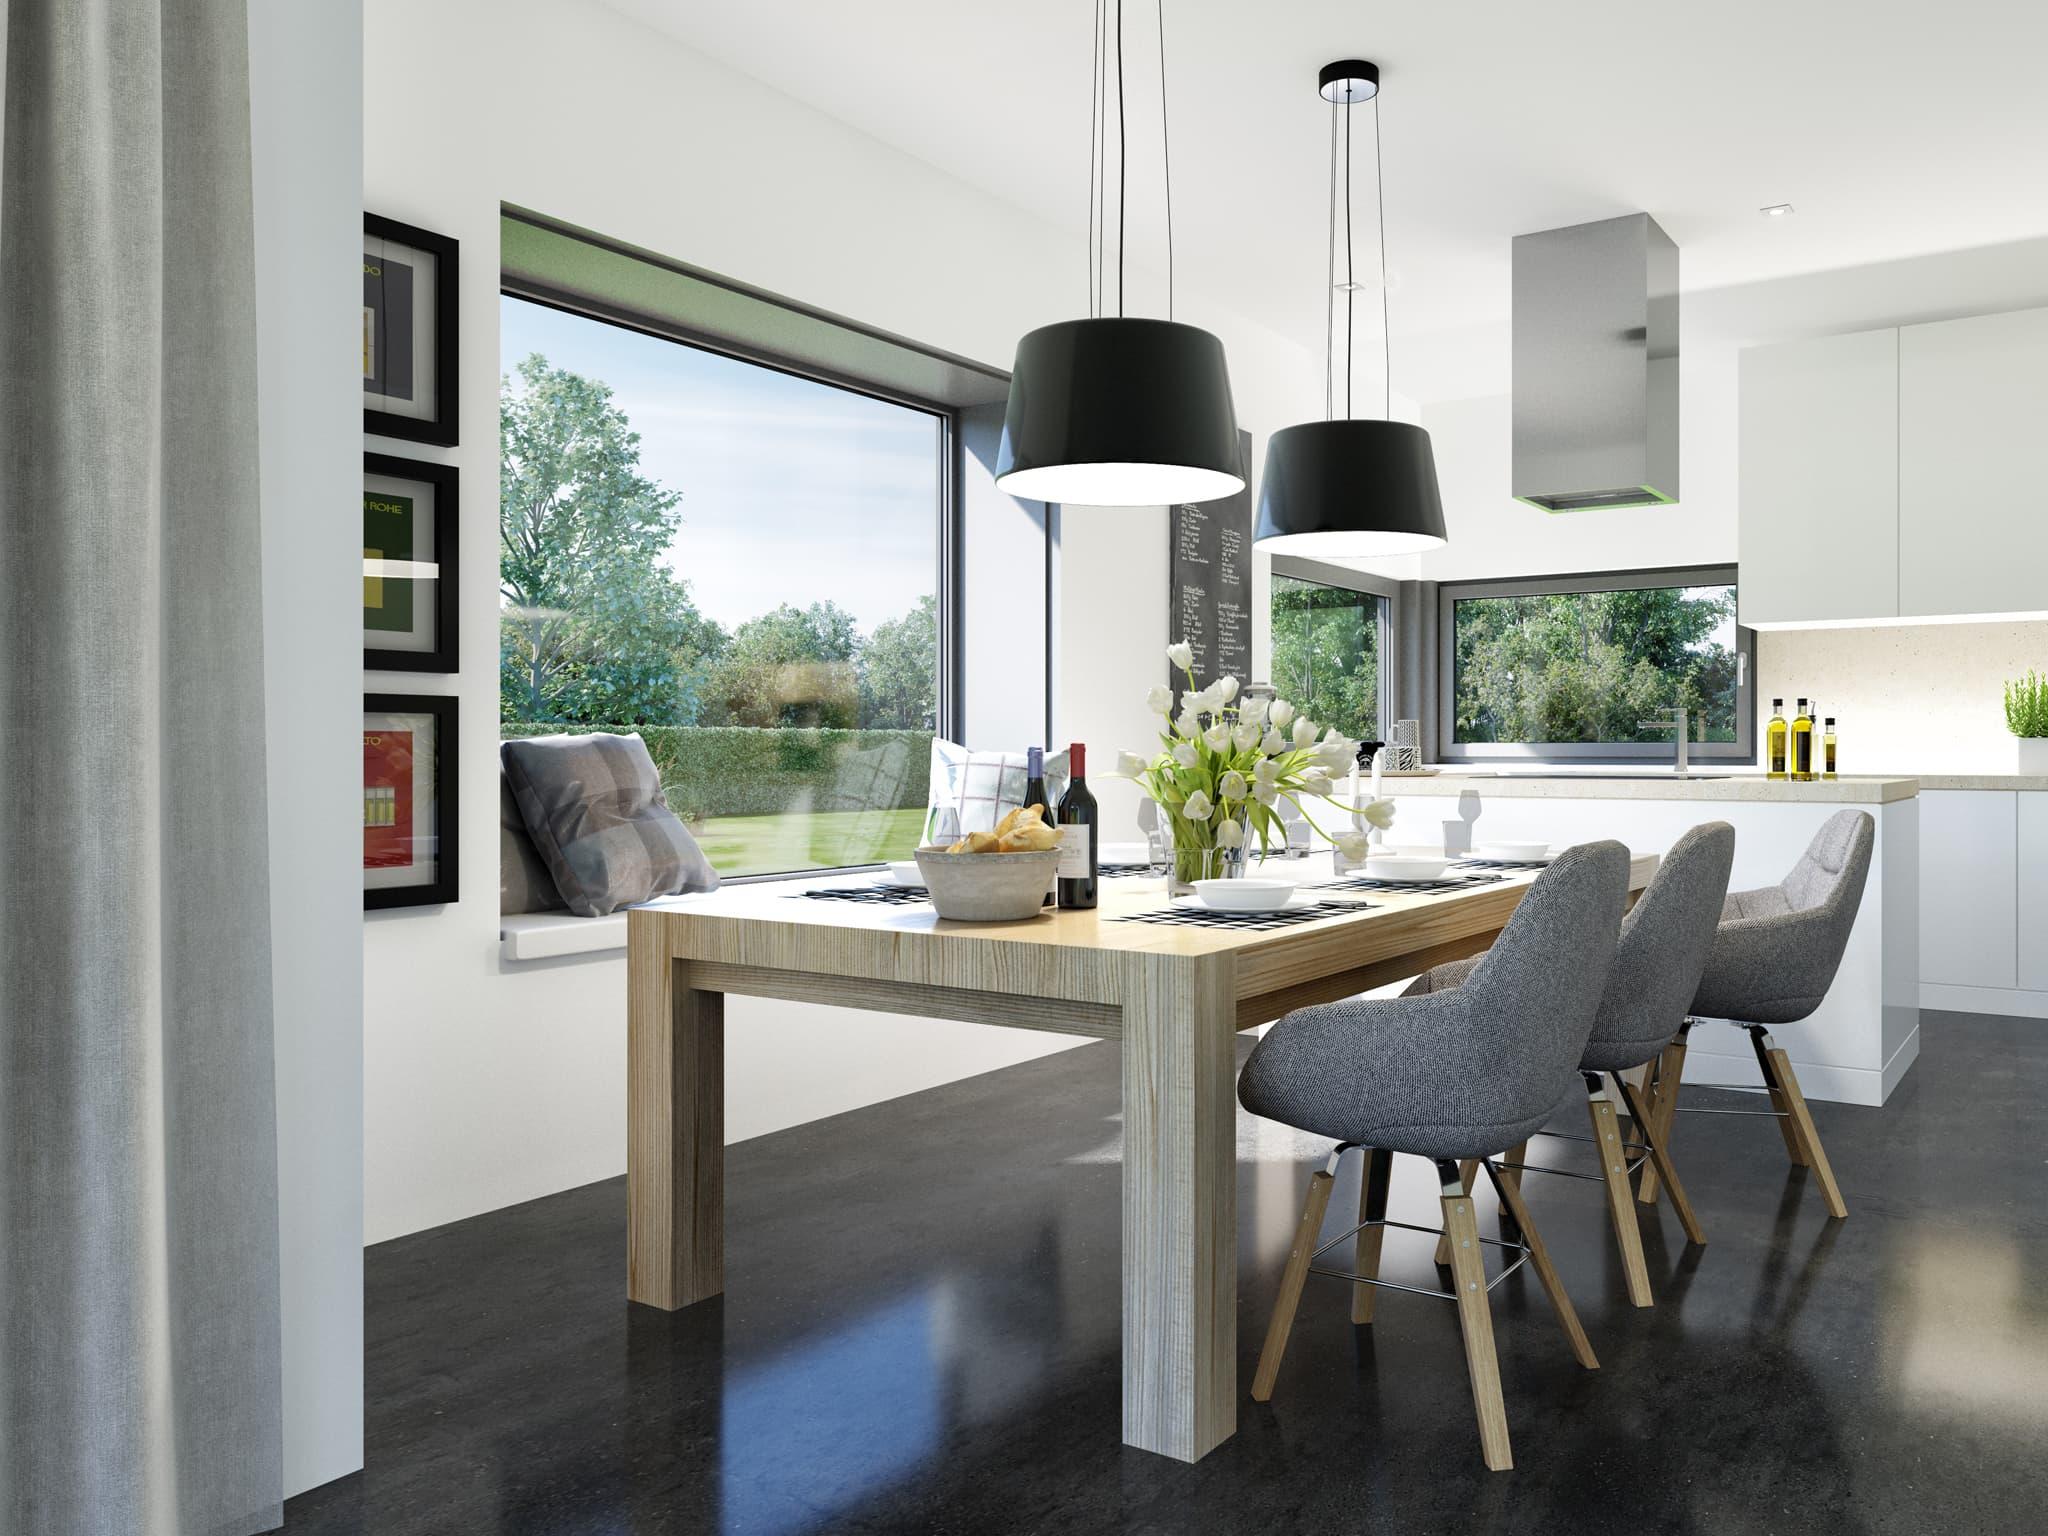 Küche & Esszimmer modern mit Esstisch aus Holz - Ideen Inneneinrichtung Einfamilienhaus Bien Zenker Fertighaus FANTASTIC 161 V5 - HausbauDirekt.de